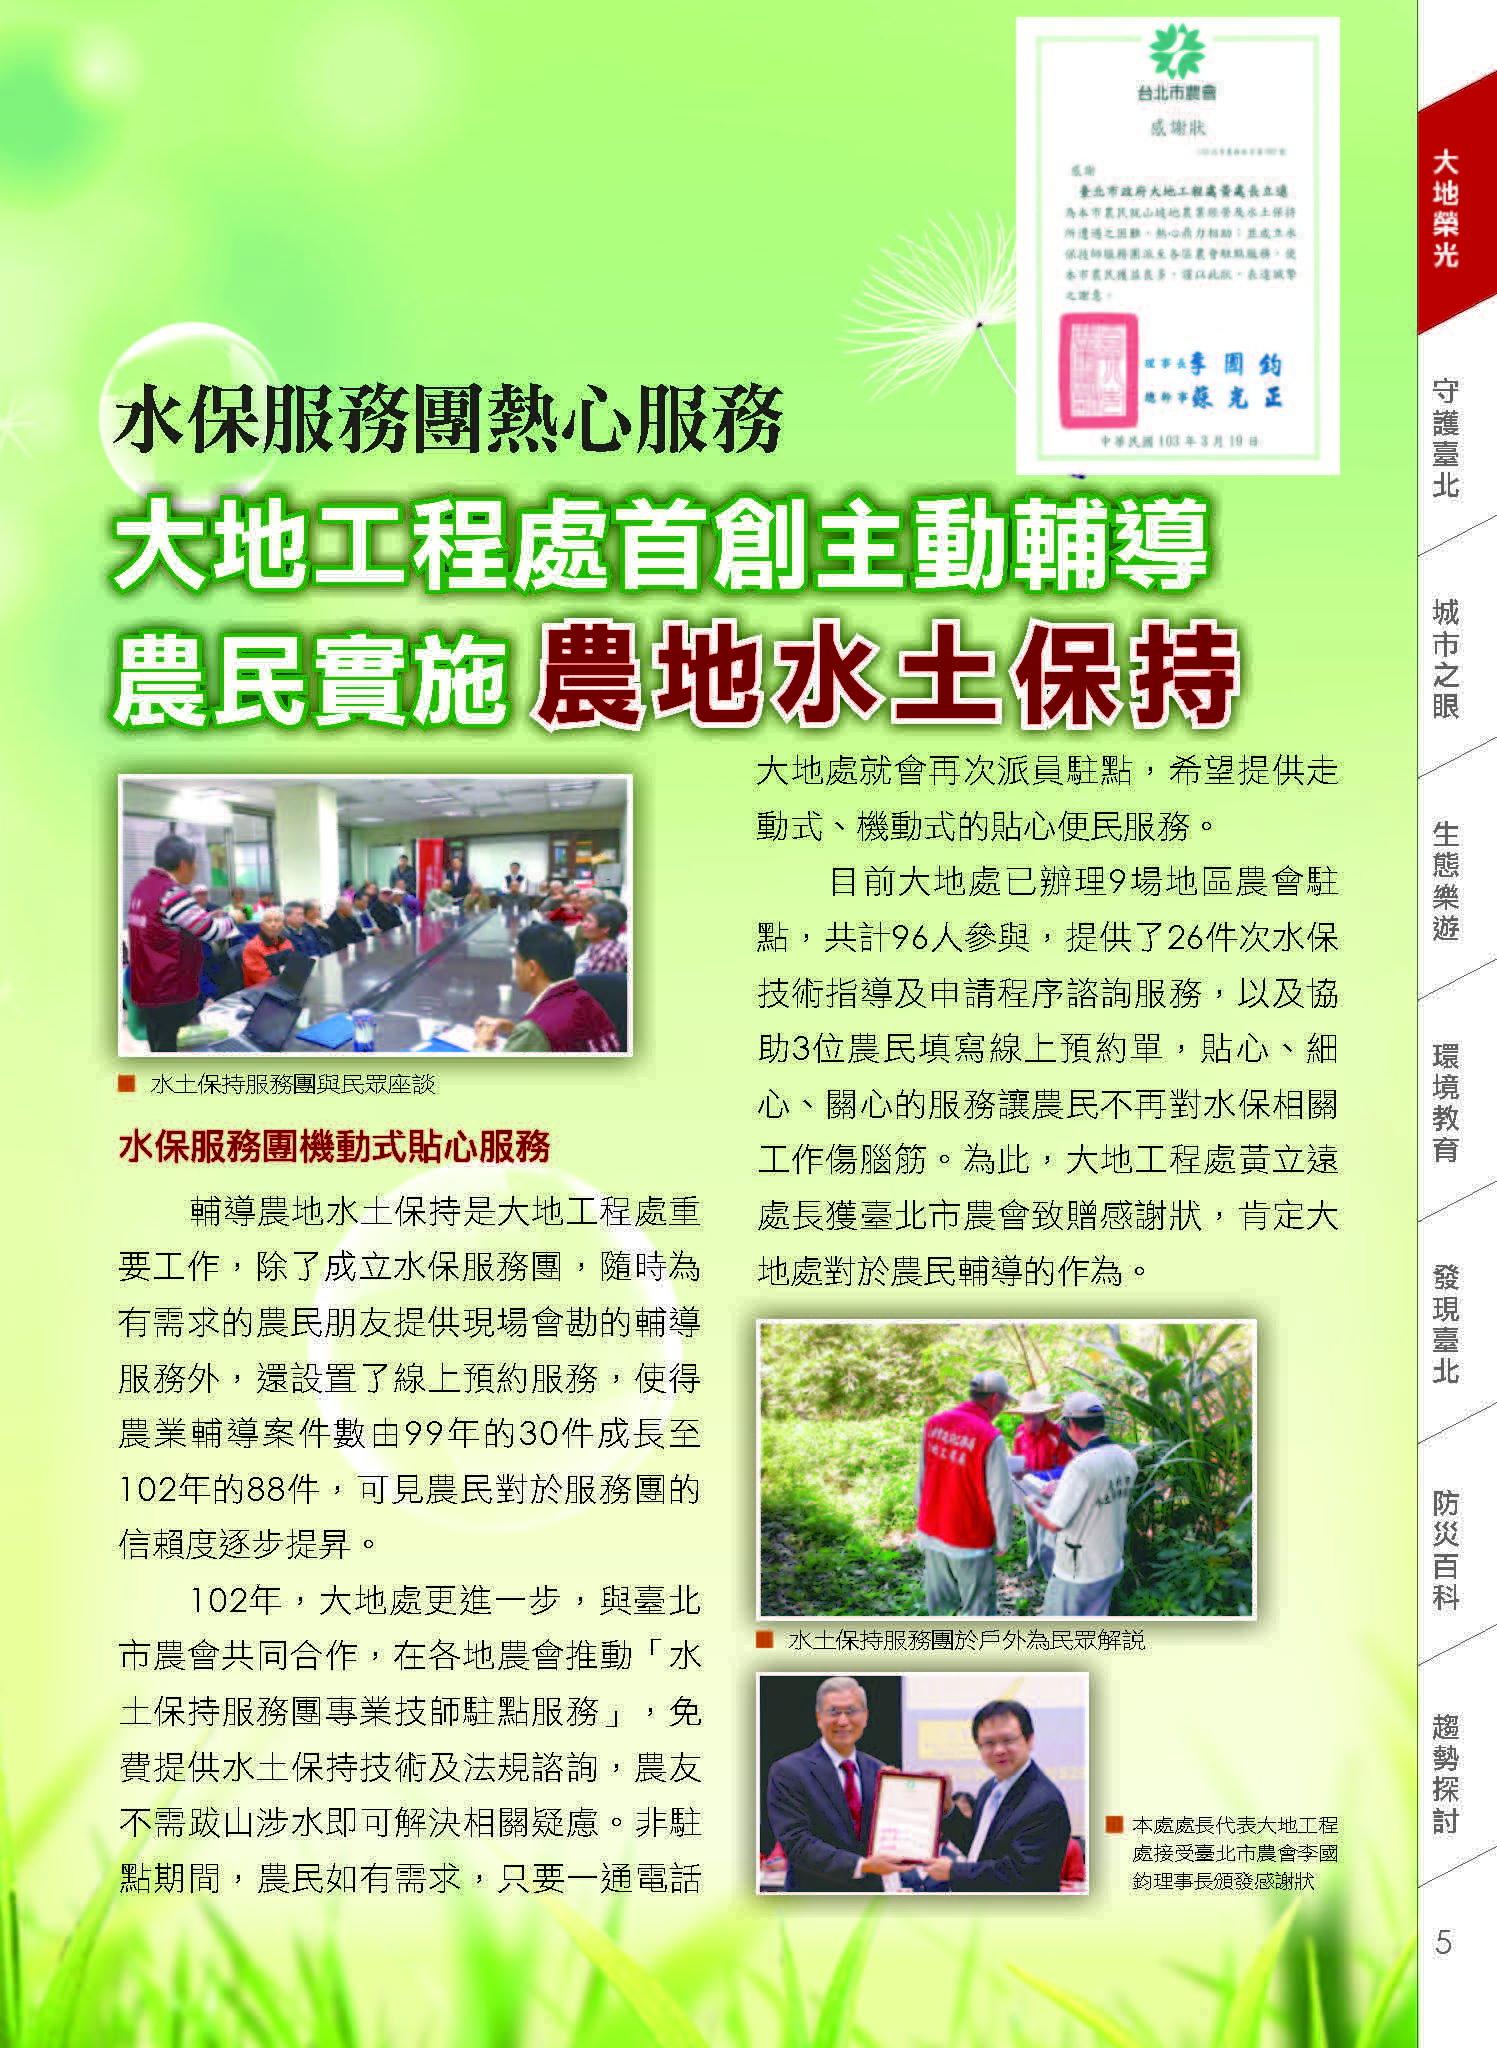 榮獲台北市農會頒發感謝狀